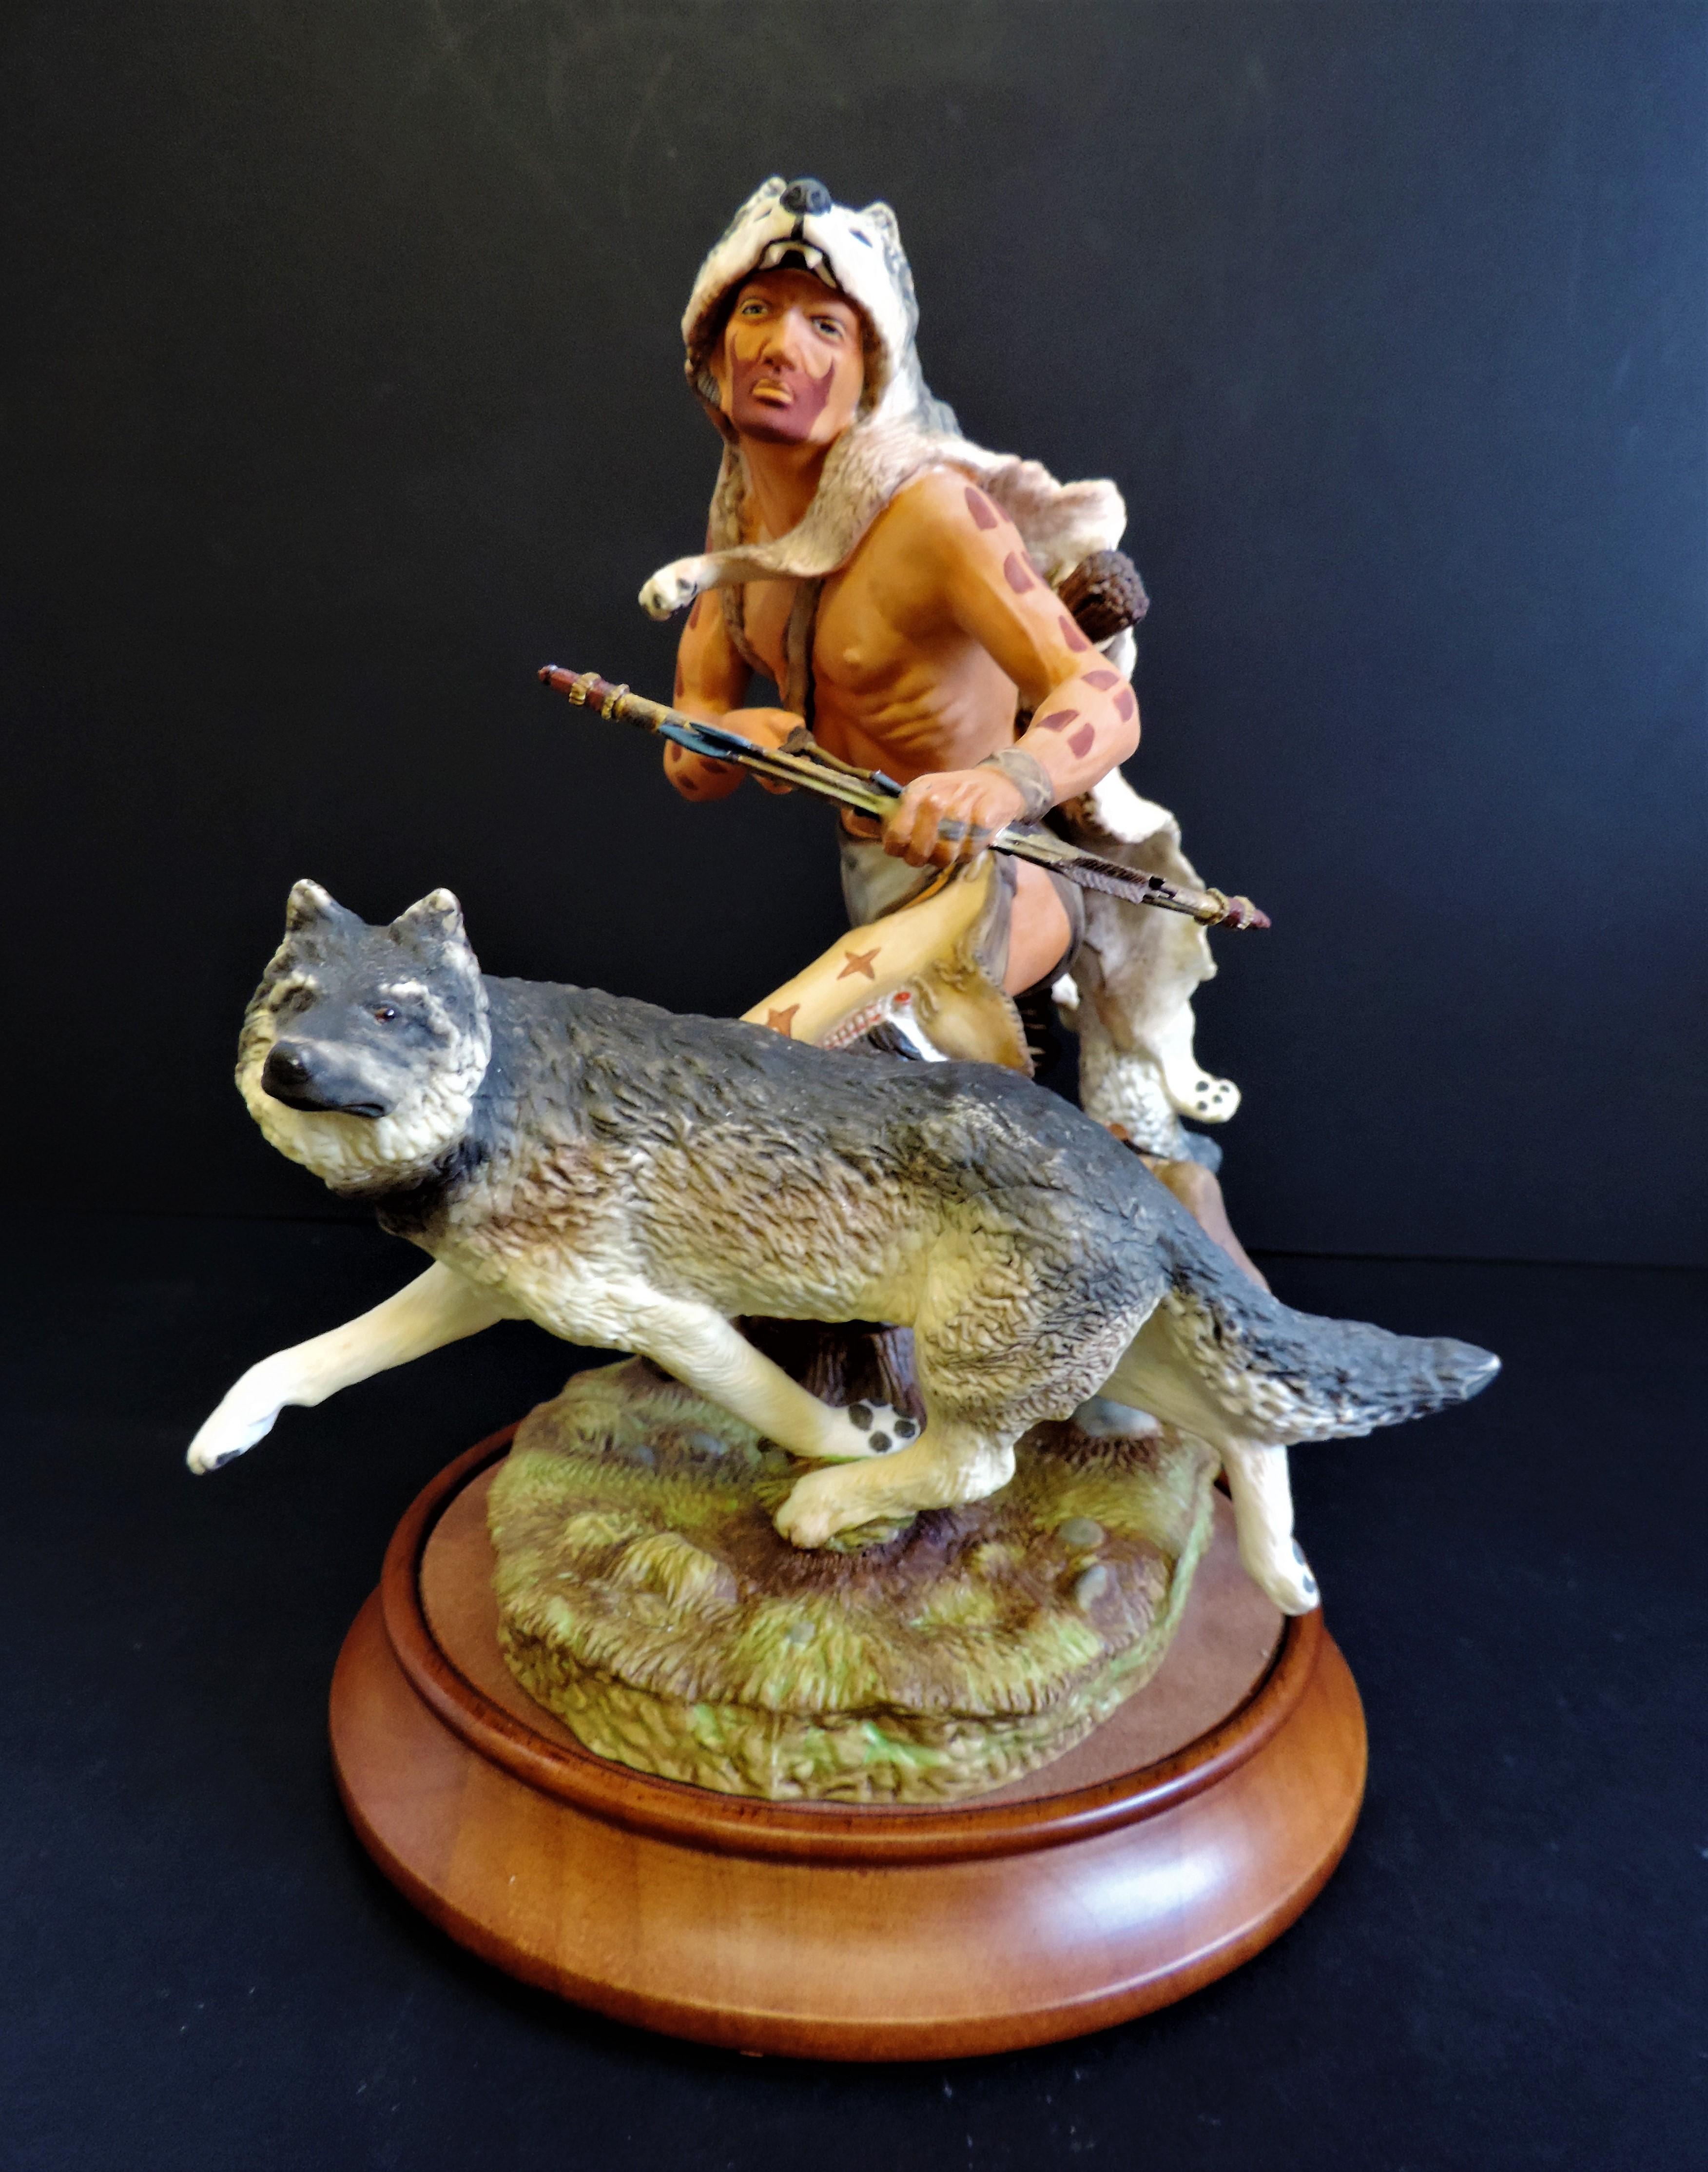 Franklin Mint 'Wolf Runner' Porcelain Figurine Sculpture R.J. Murphy